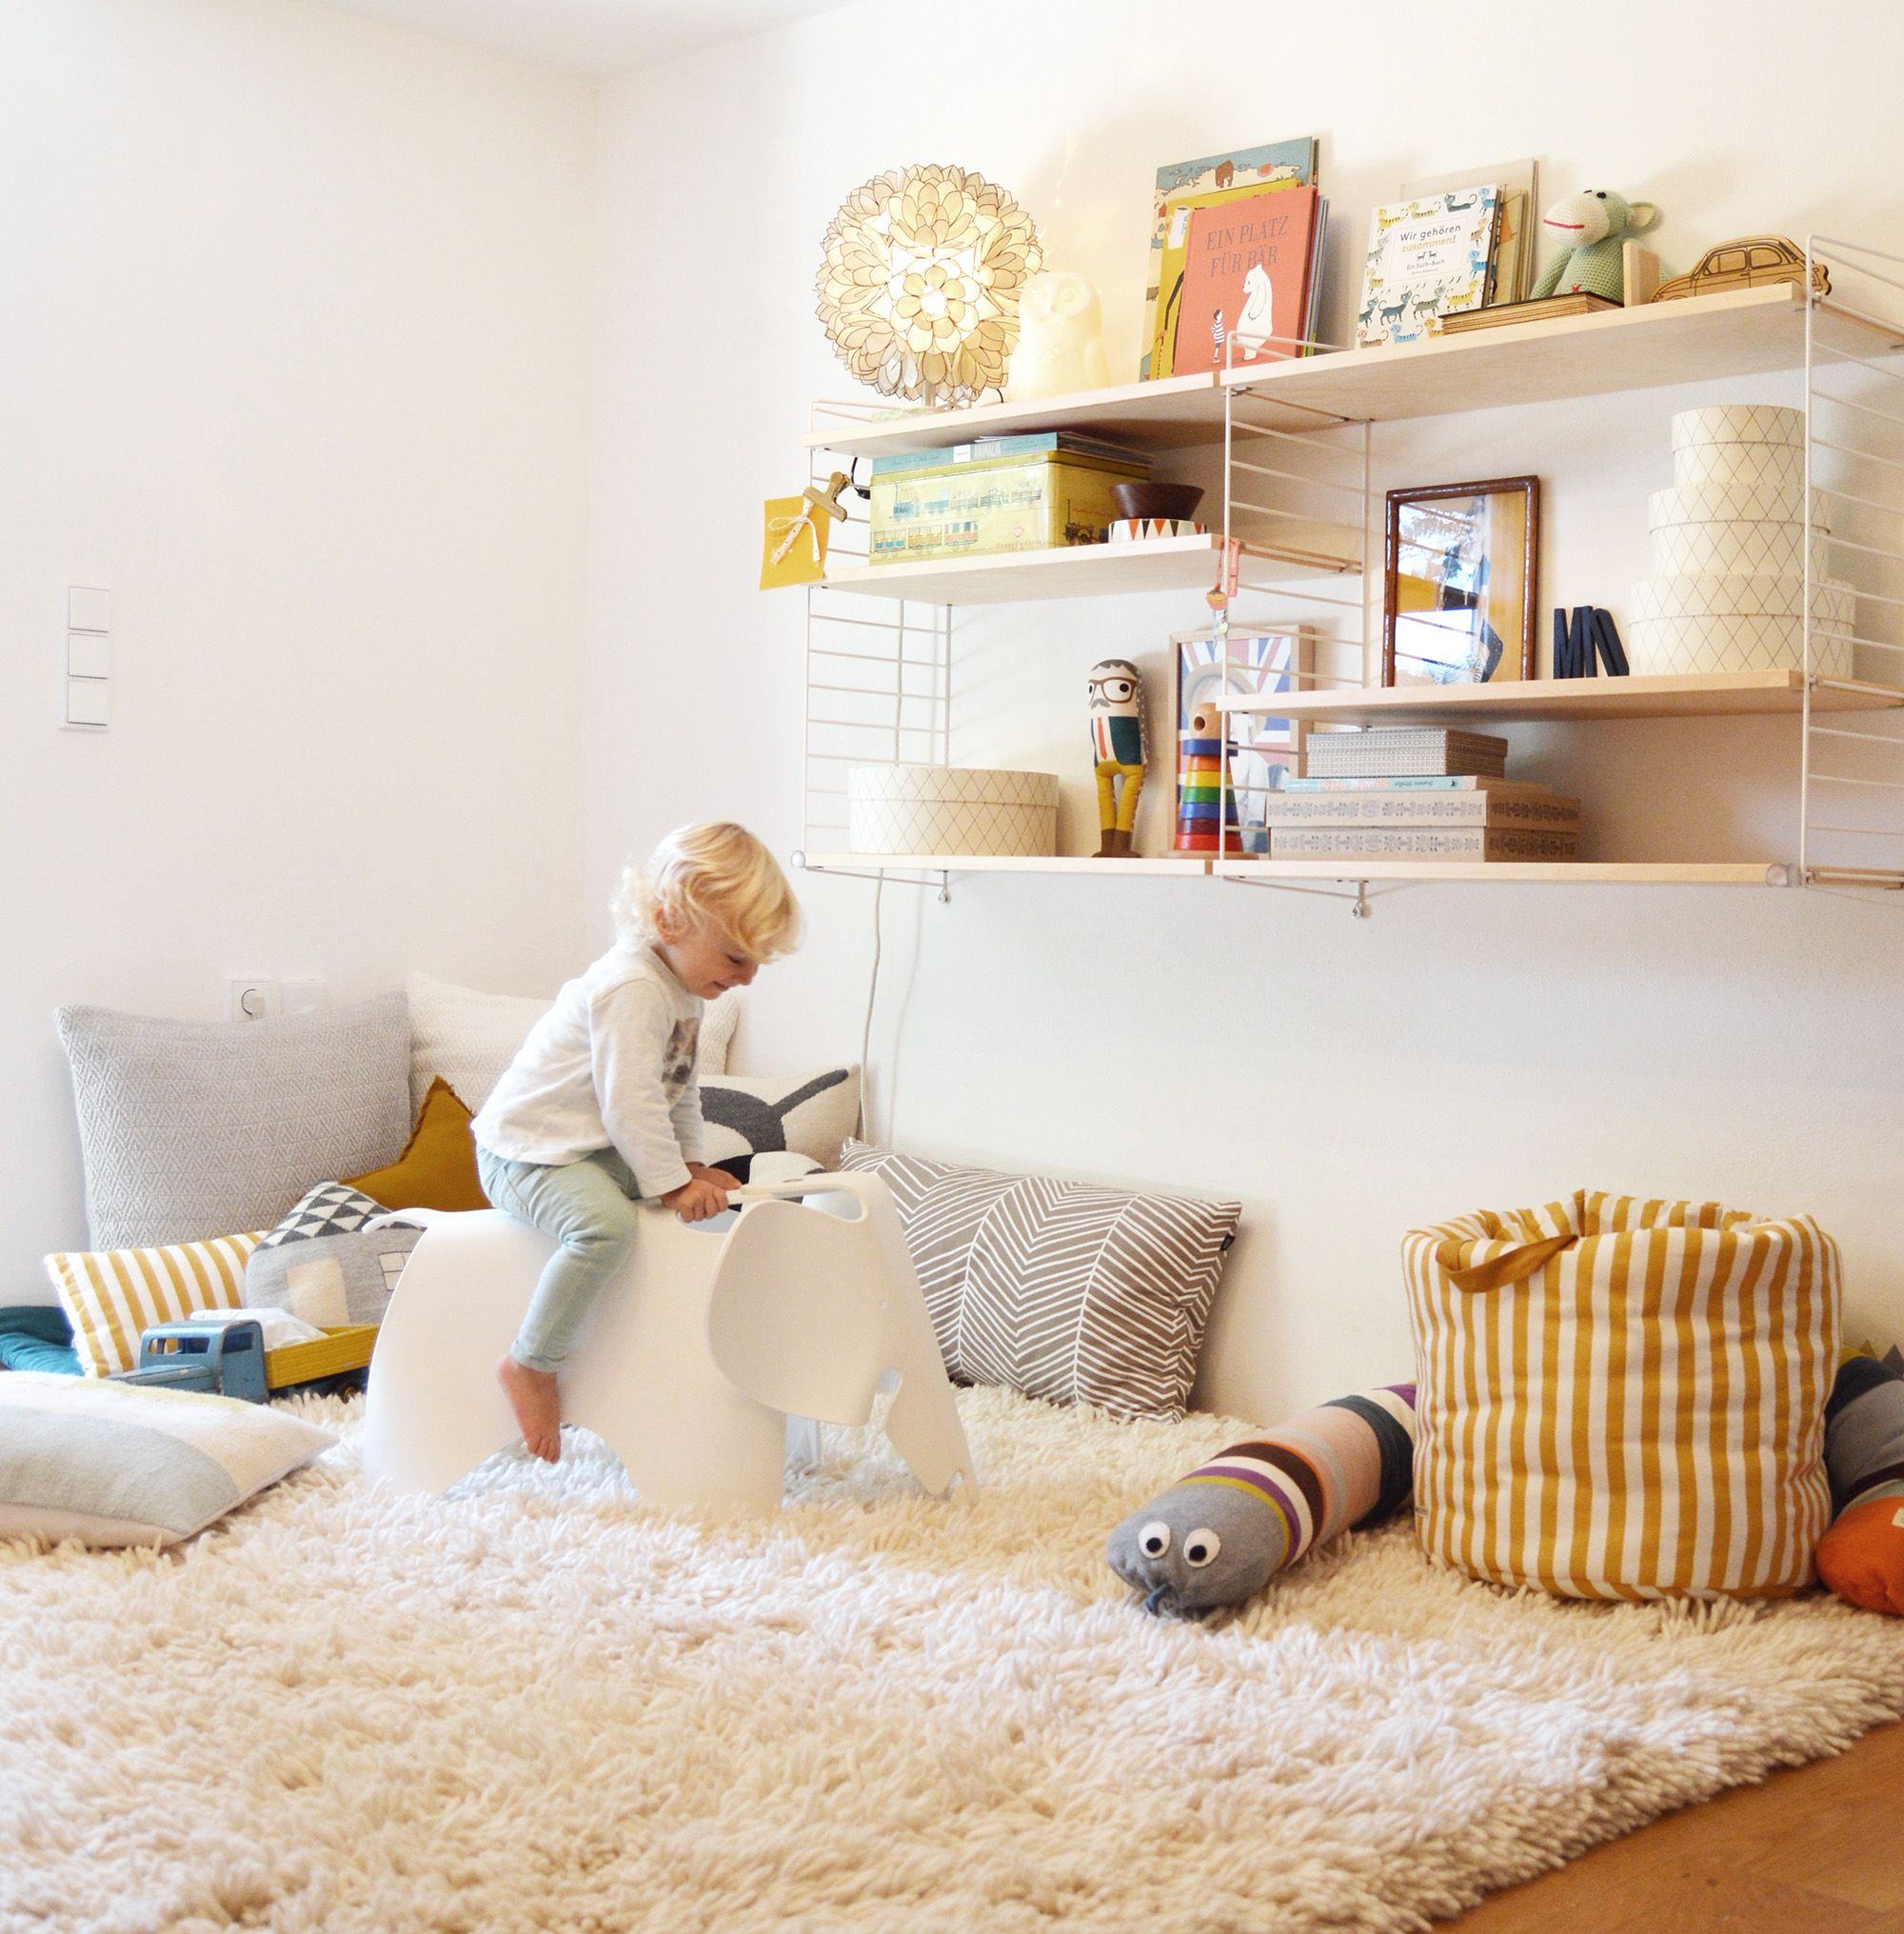 vitra kinderzimmer wohnideen und buben. Black Bedroom Furniture Sets. Home Design Ideas